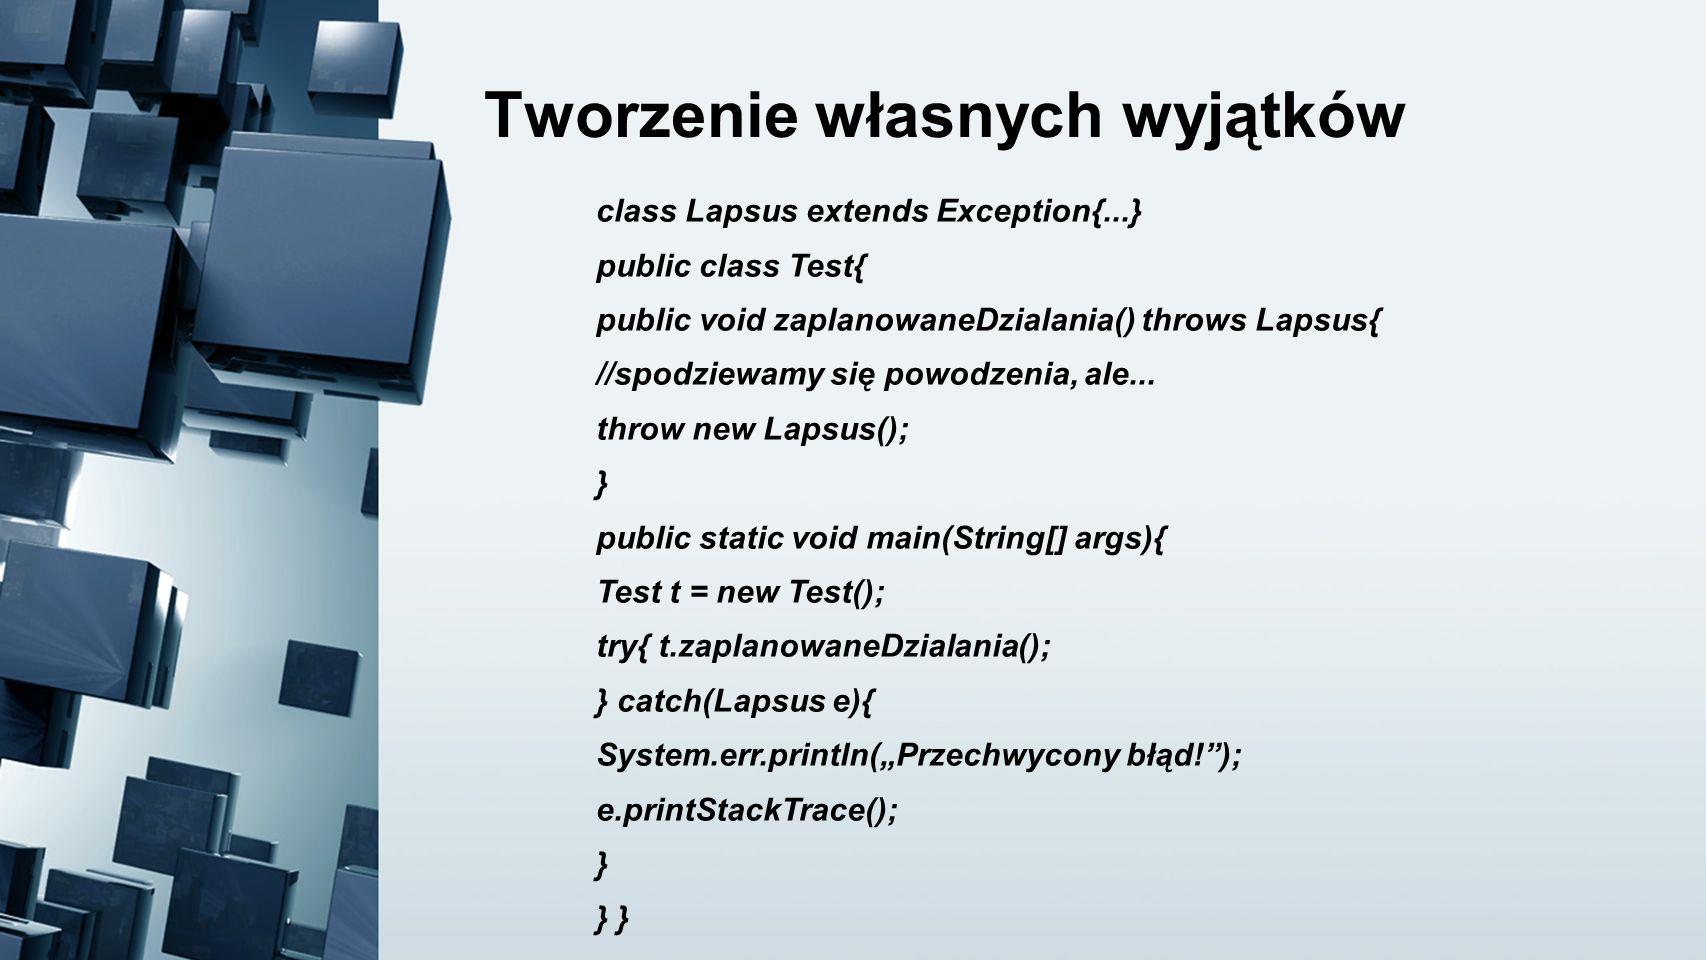 Tworzenie własnych wyjątków class Lapsus extends Exception{...} public class Test{ public void zaplanowaneDzialania() throws Lapsus{ //spodziewamy się